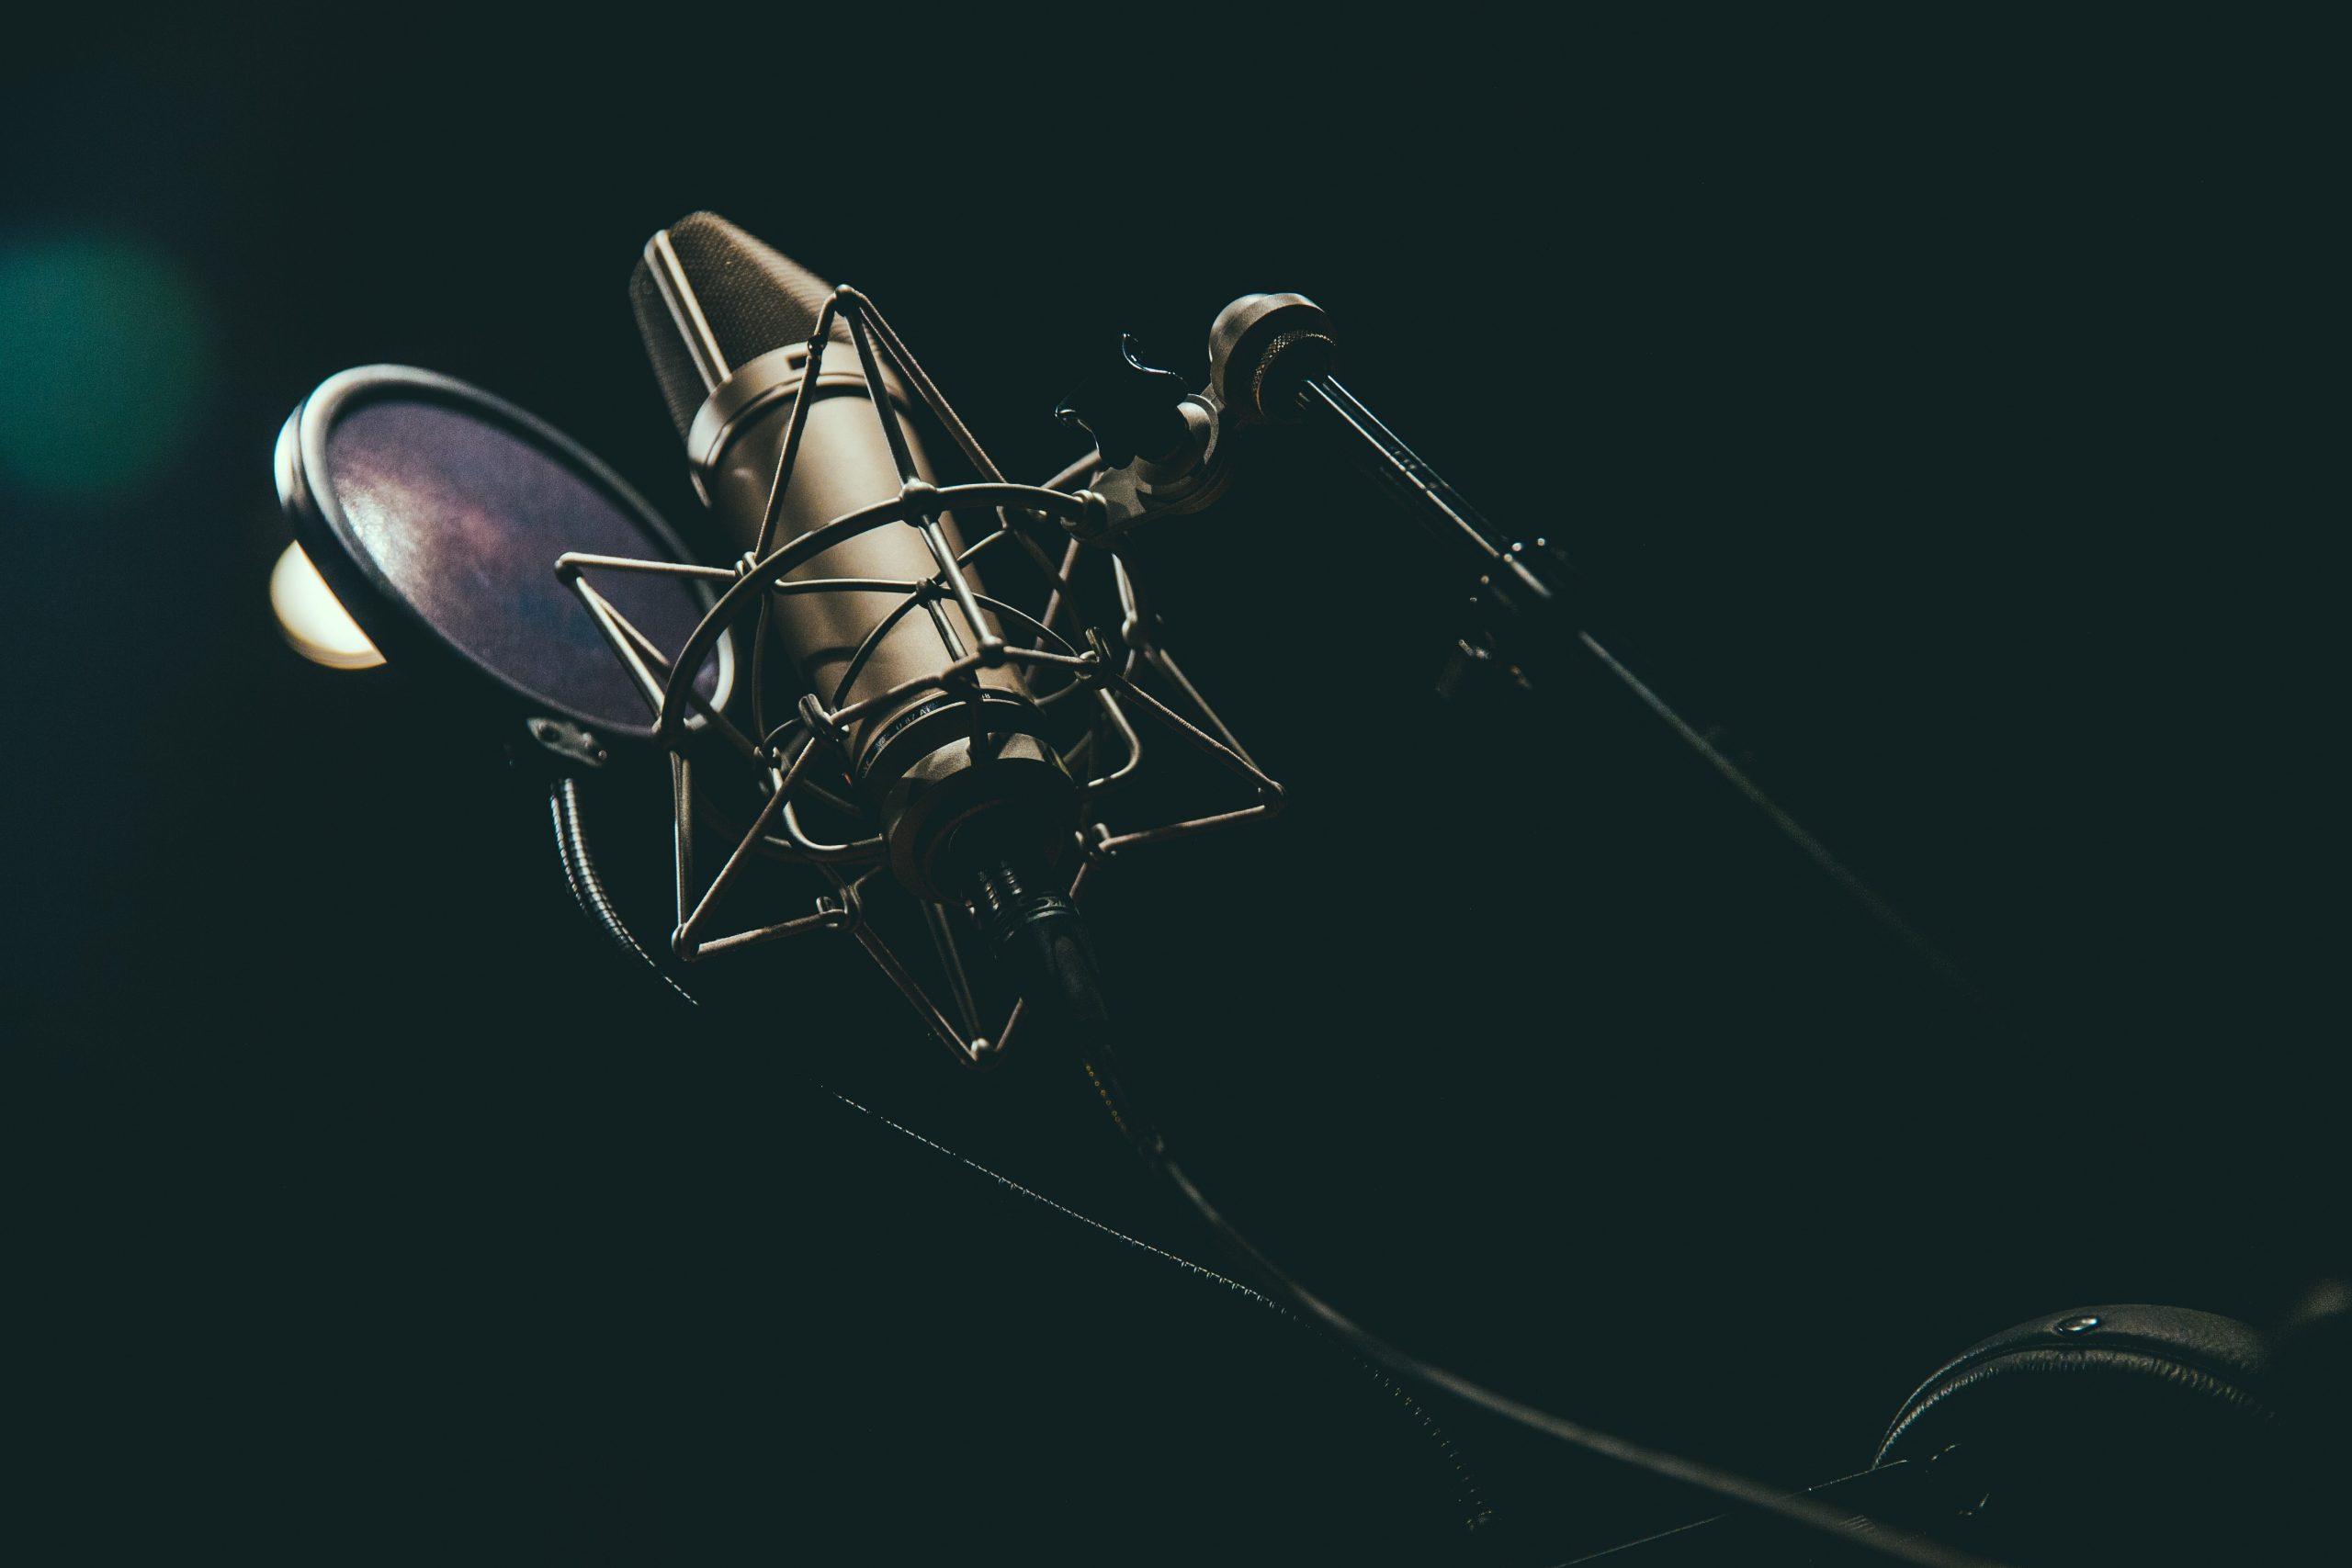 Rode микрофон